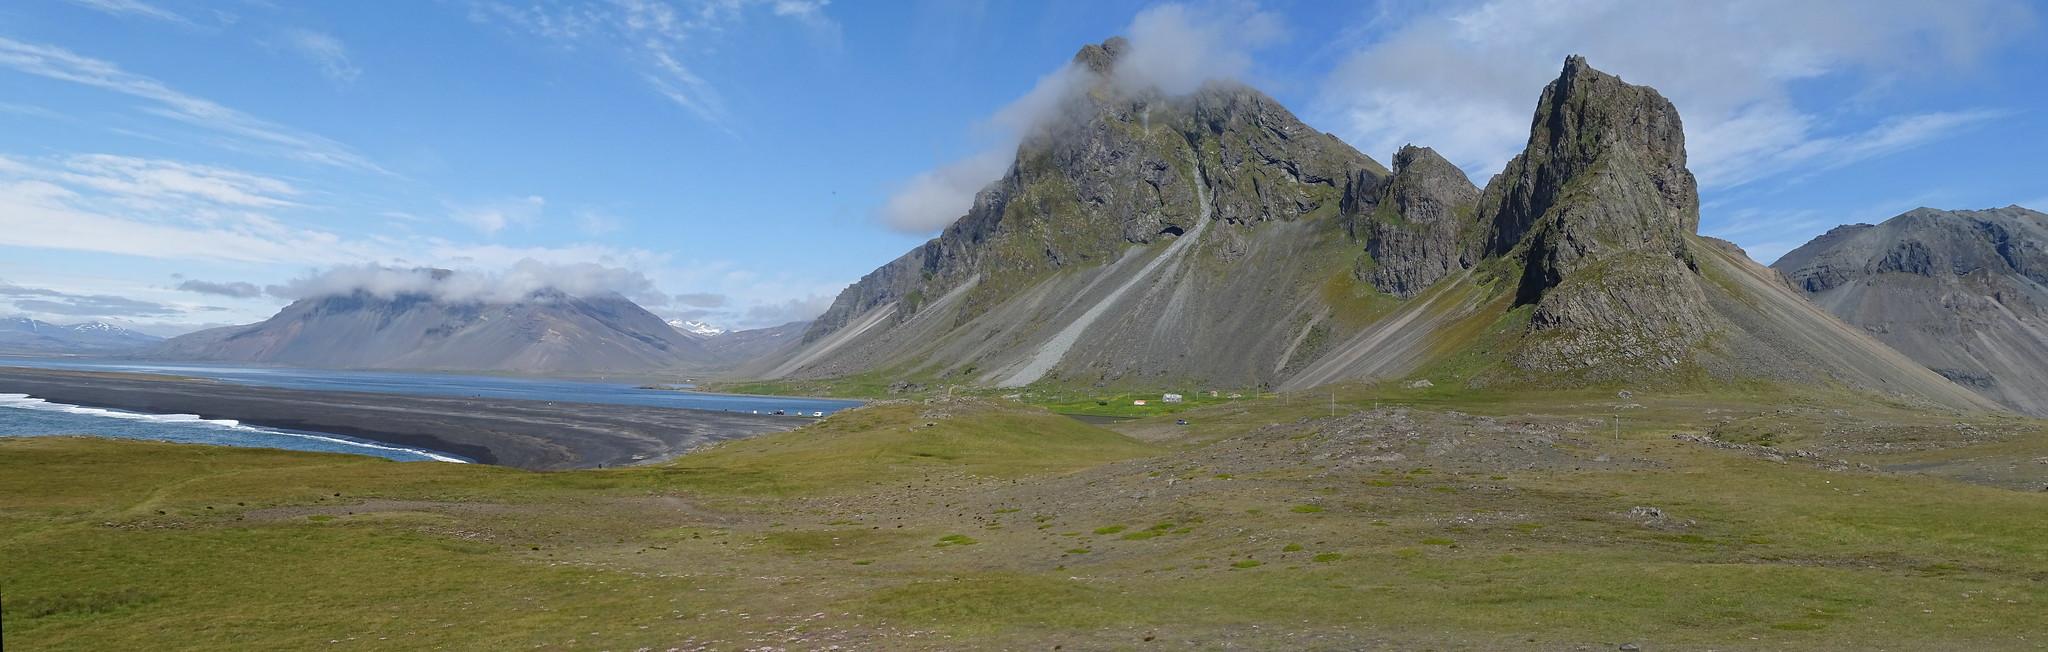 Eystrahom montaña Islandia